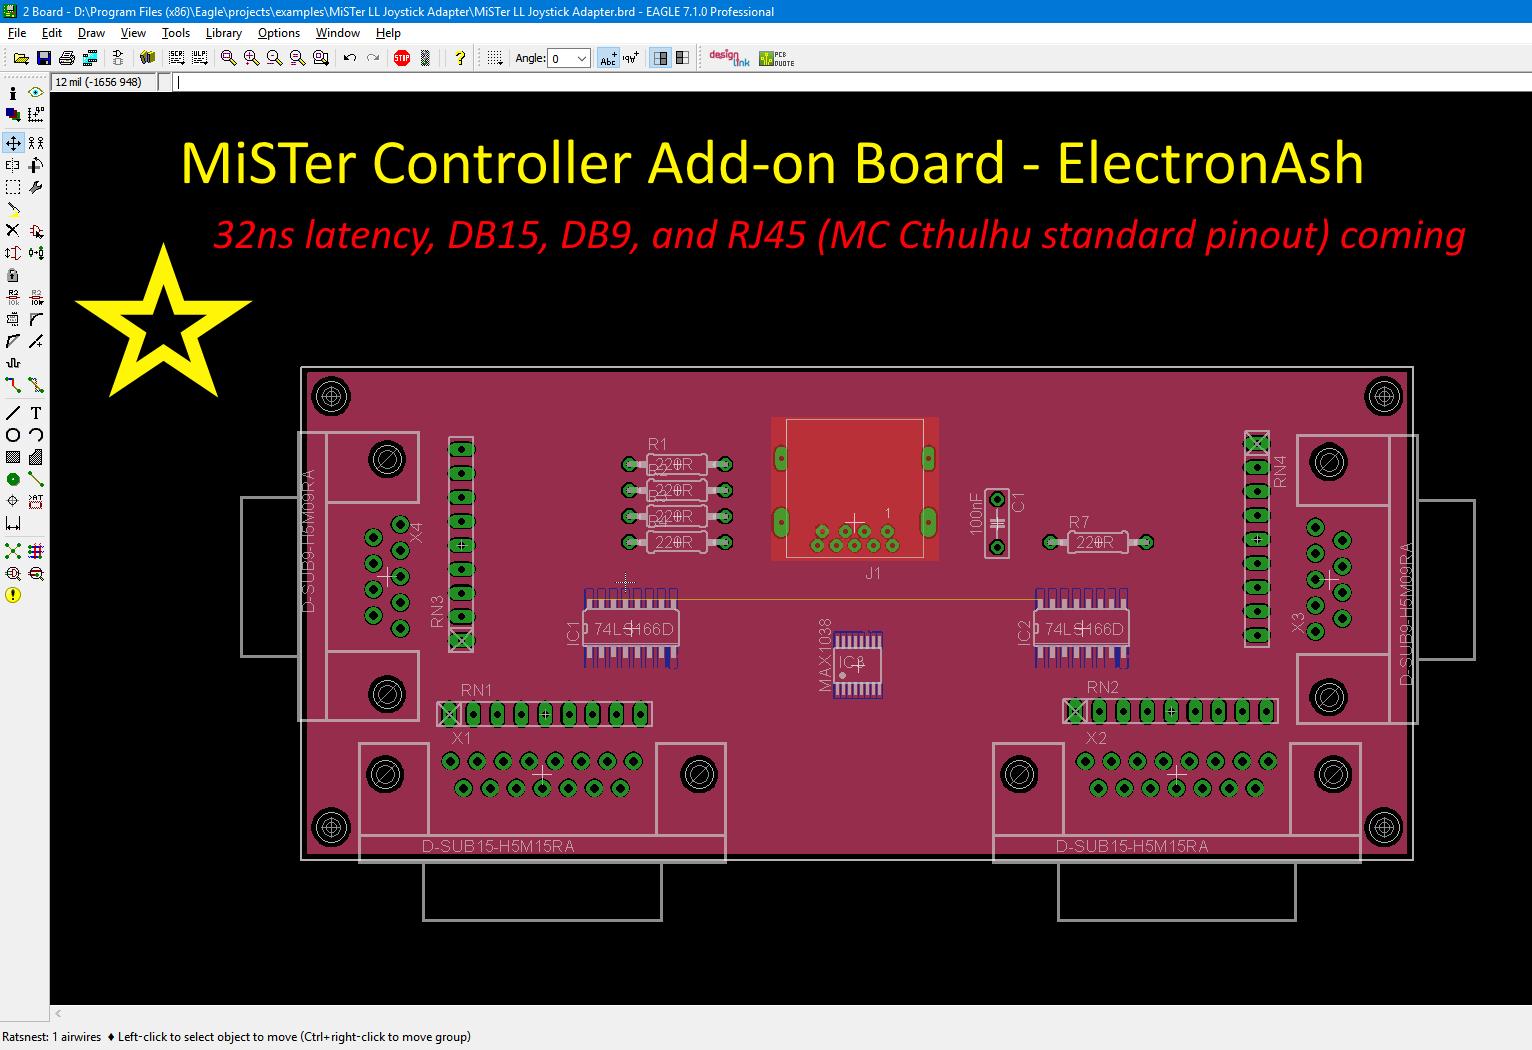 WRG-9423] Serial Db15 Joystick Wiring Diagram